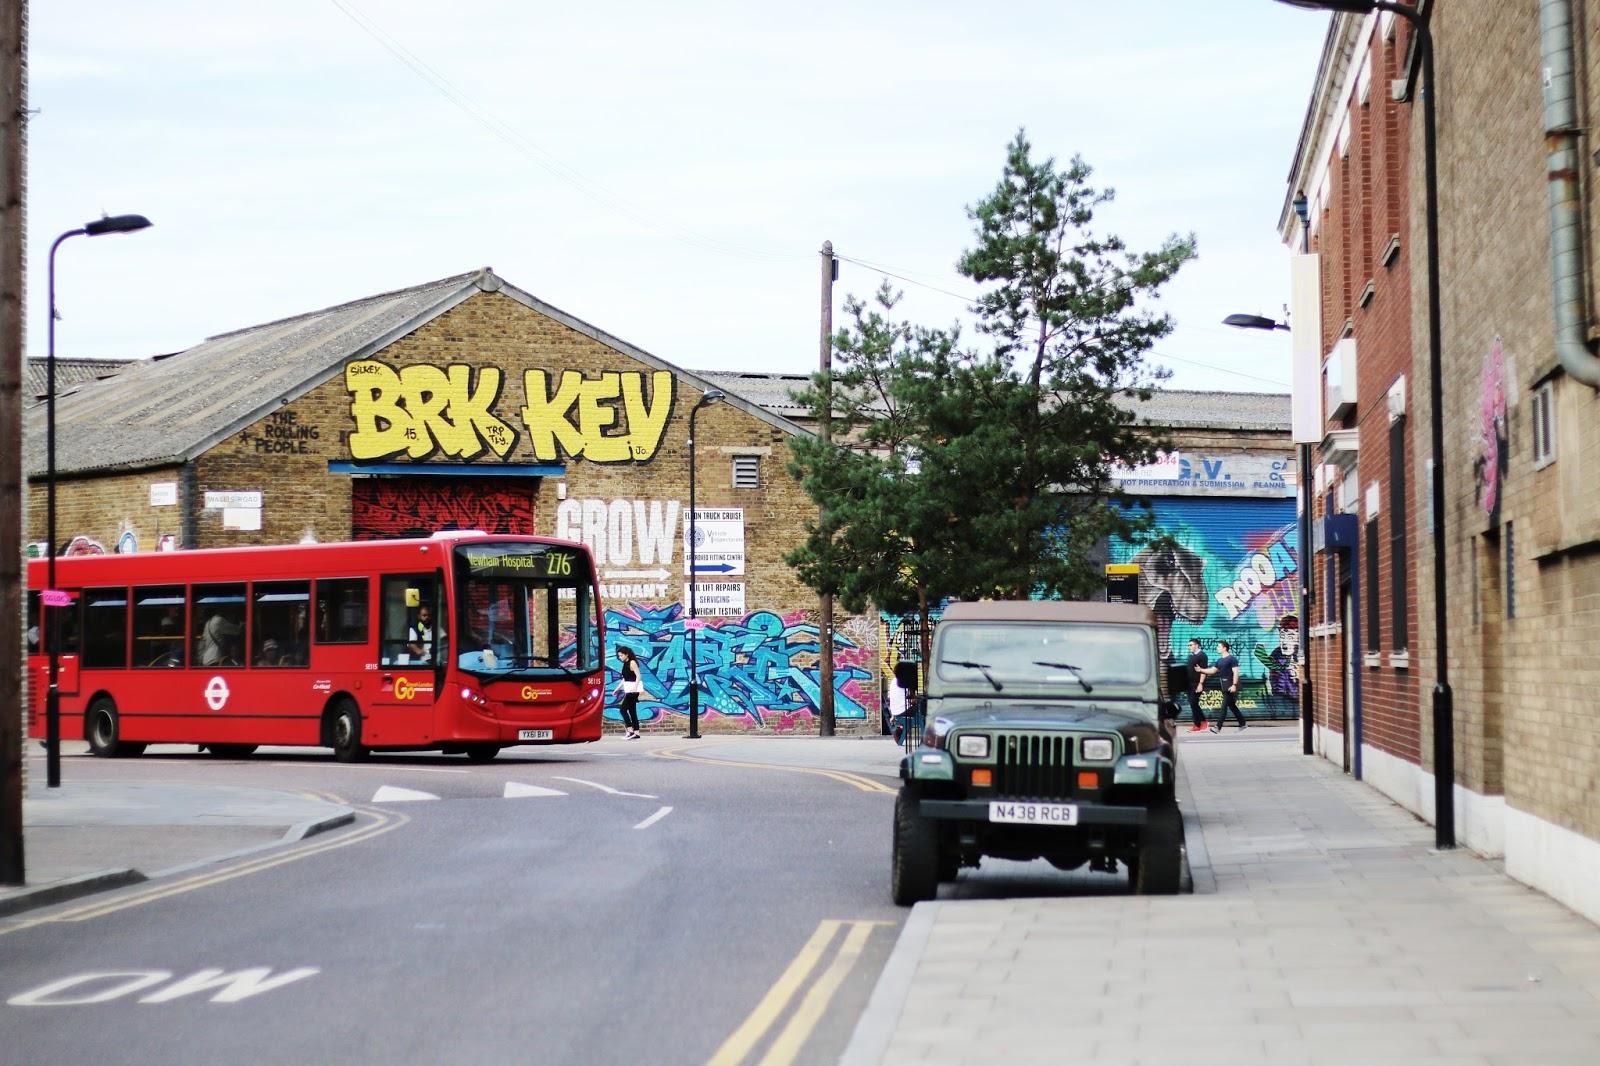 hackney east london